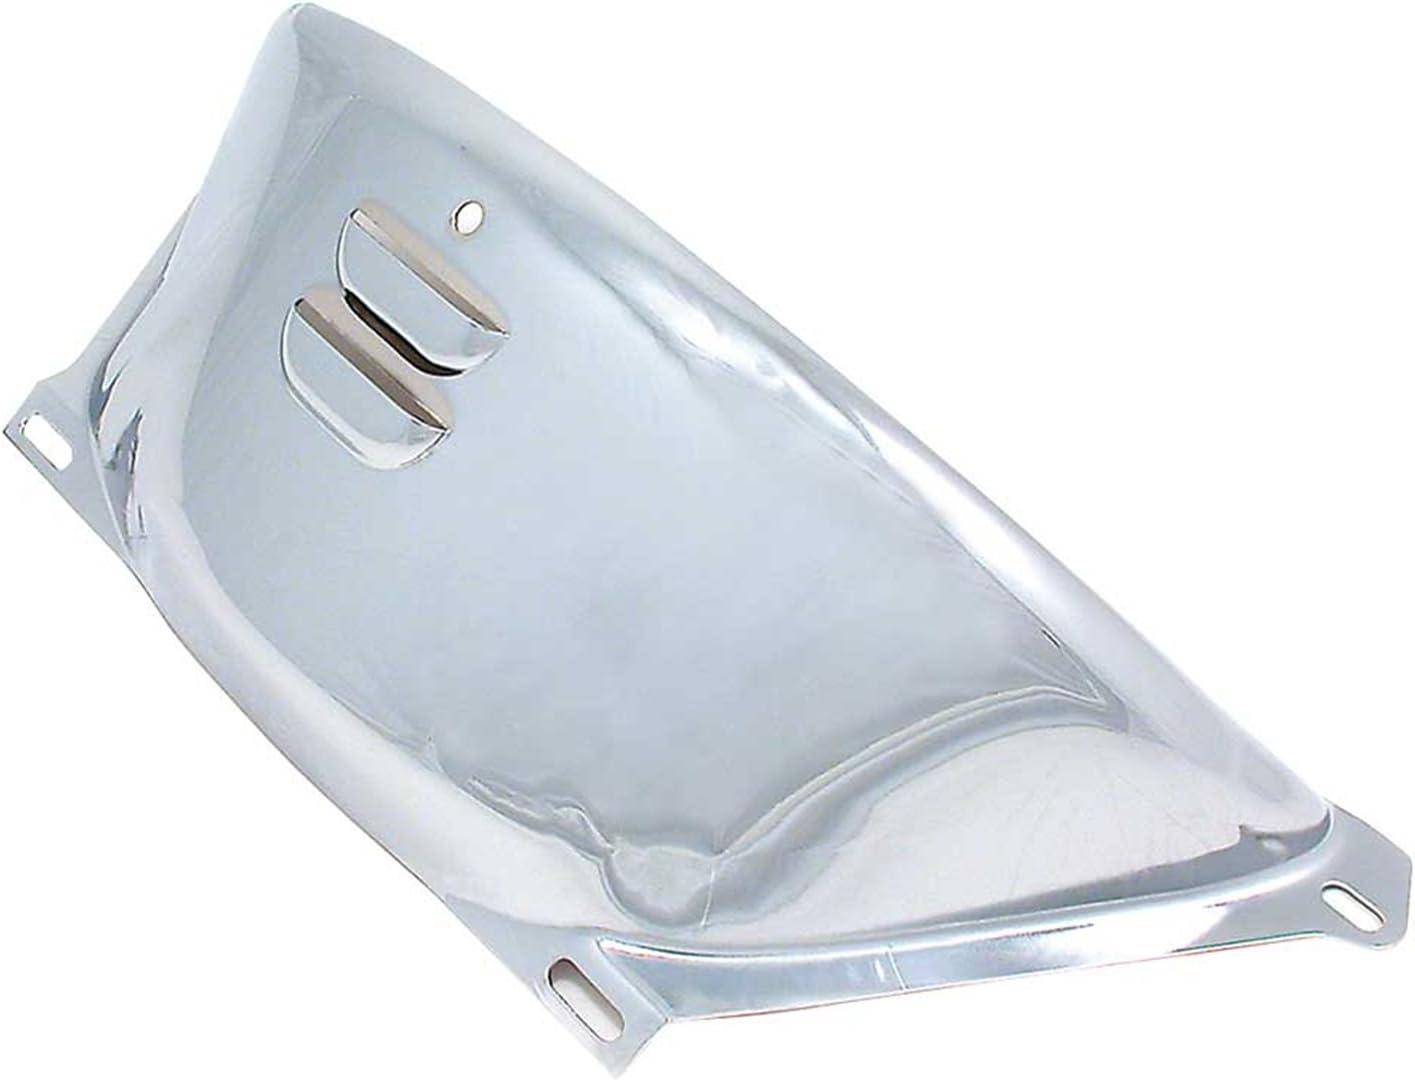 Evergreen TBKVC184B Timing Belt Kit Water Pump Gasket Fit 90-95 Acura Integra LS RS GS B18A1 B18B1